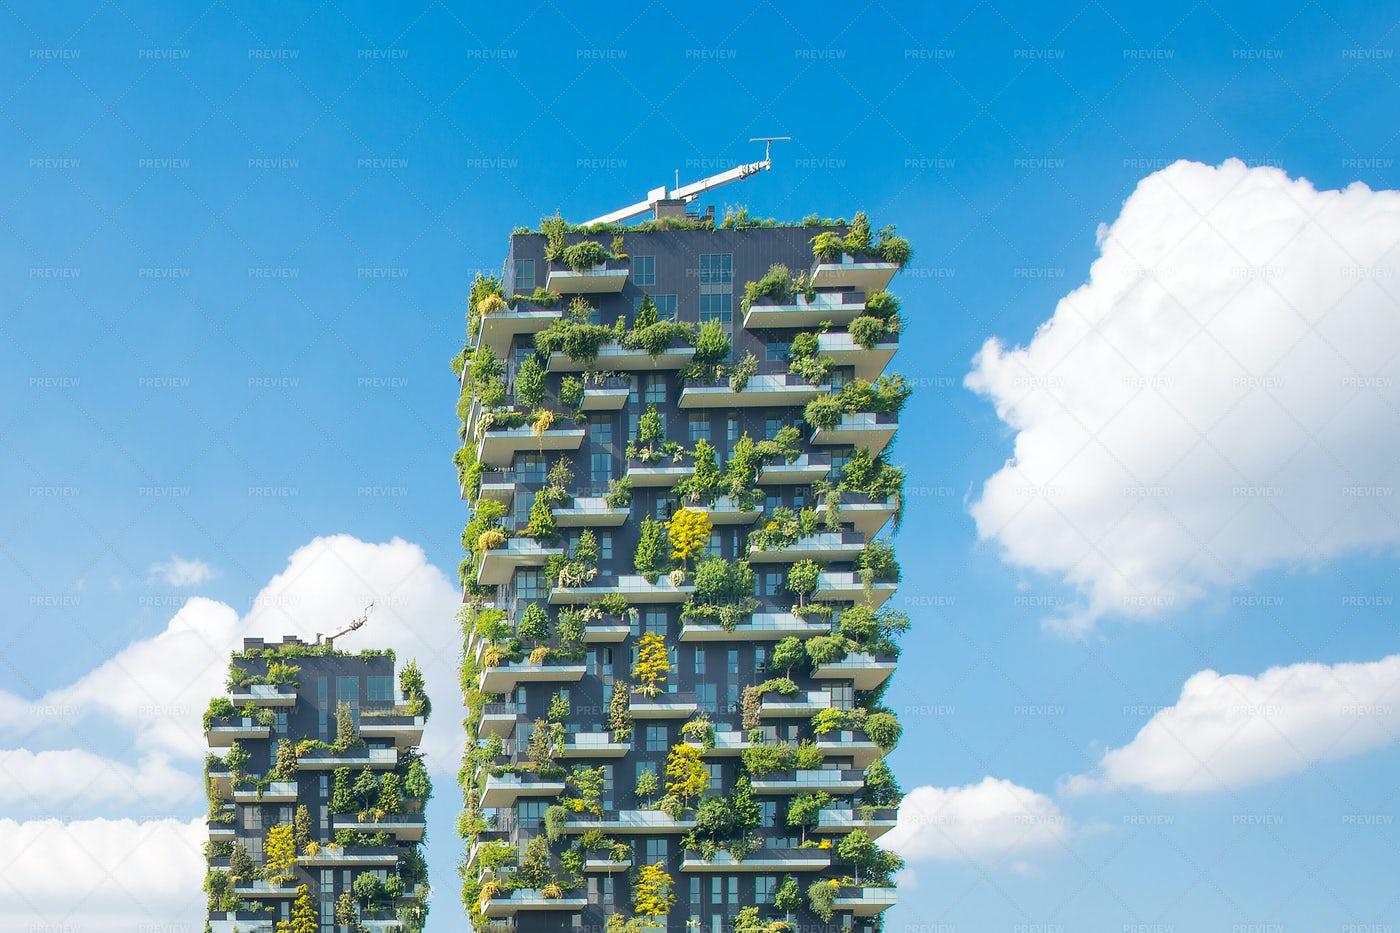 Vertical Gardens In Milan: Stock Photos